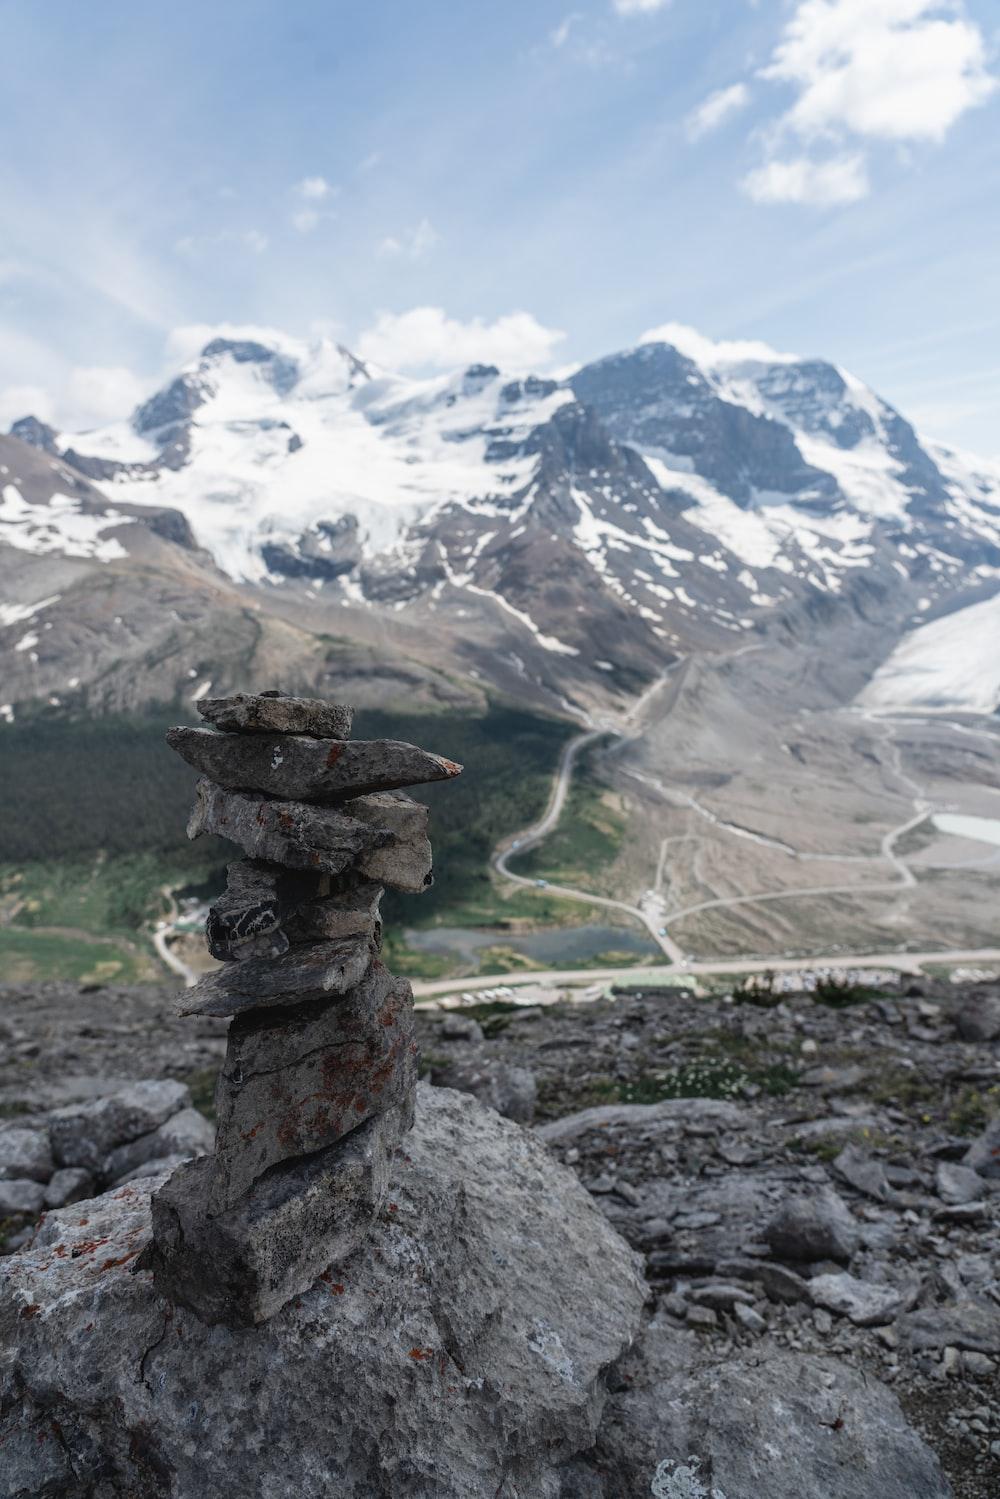 rock balancing during daytime